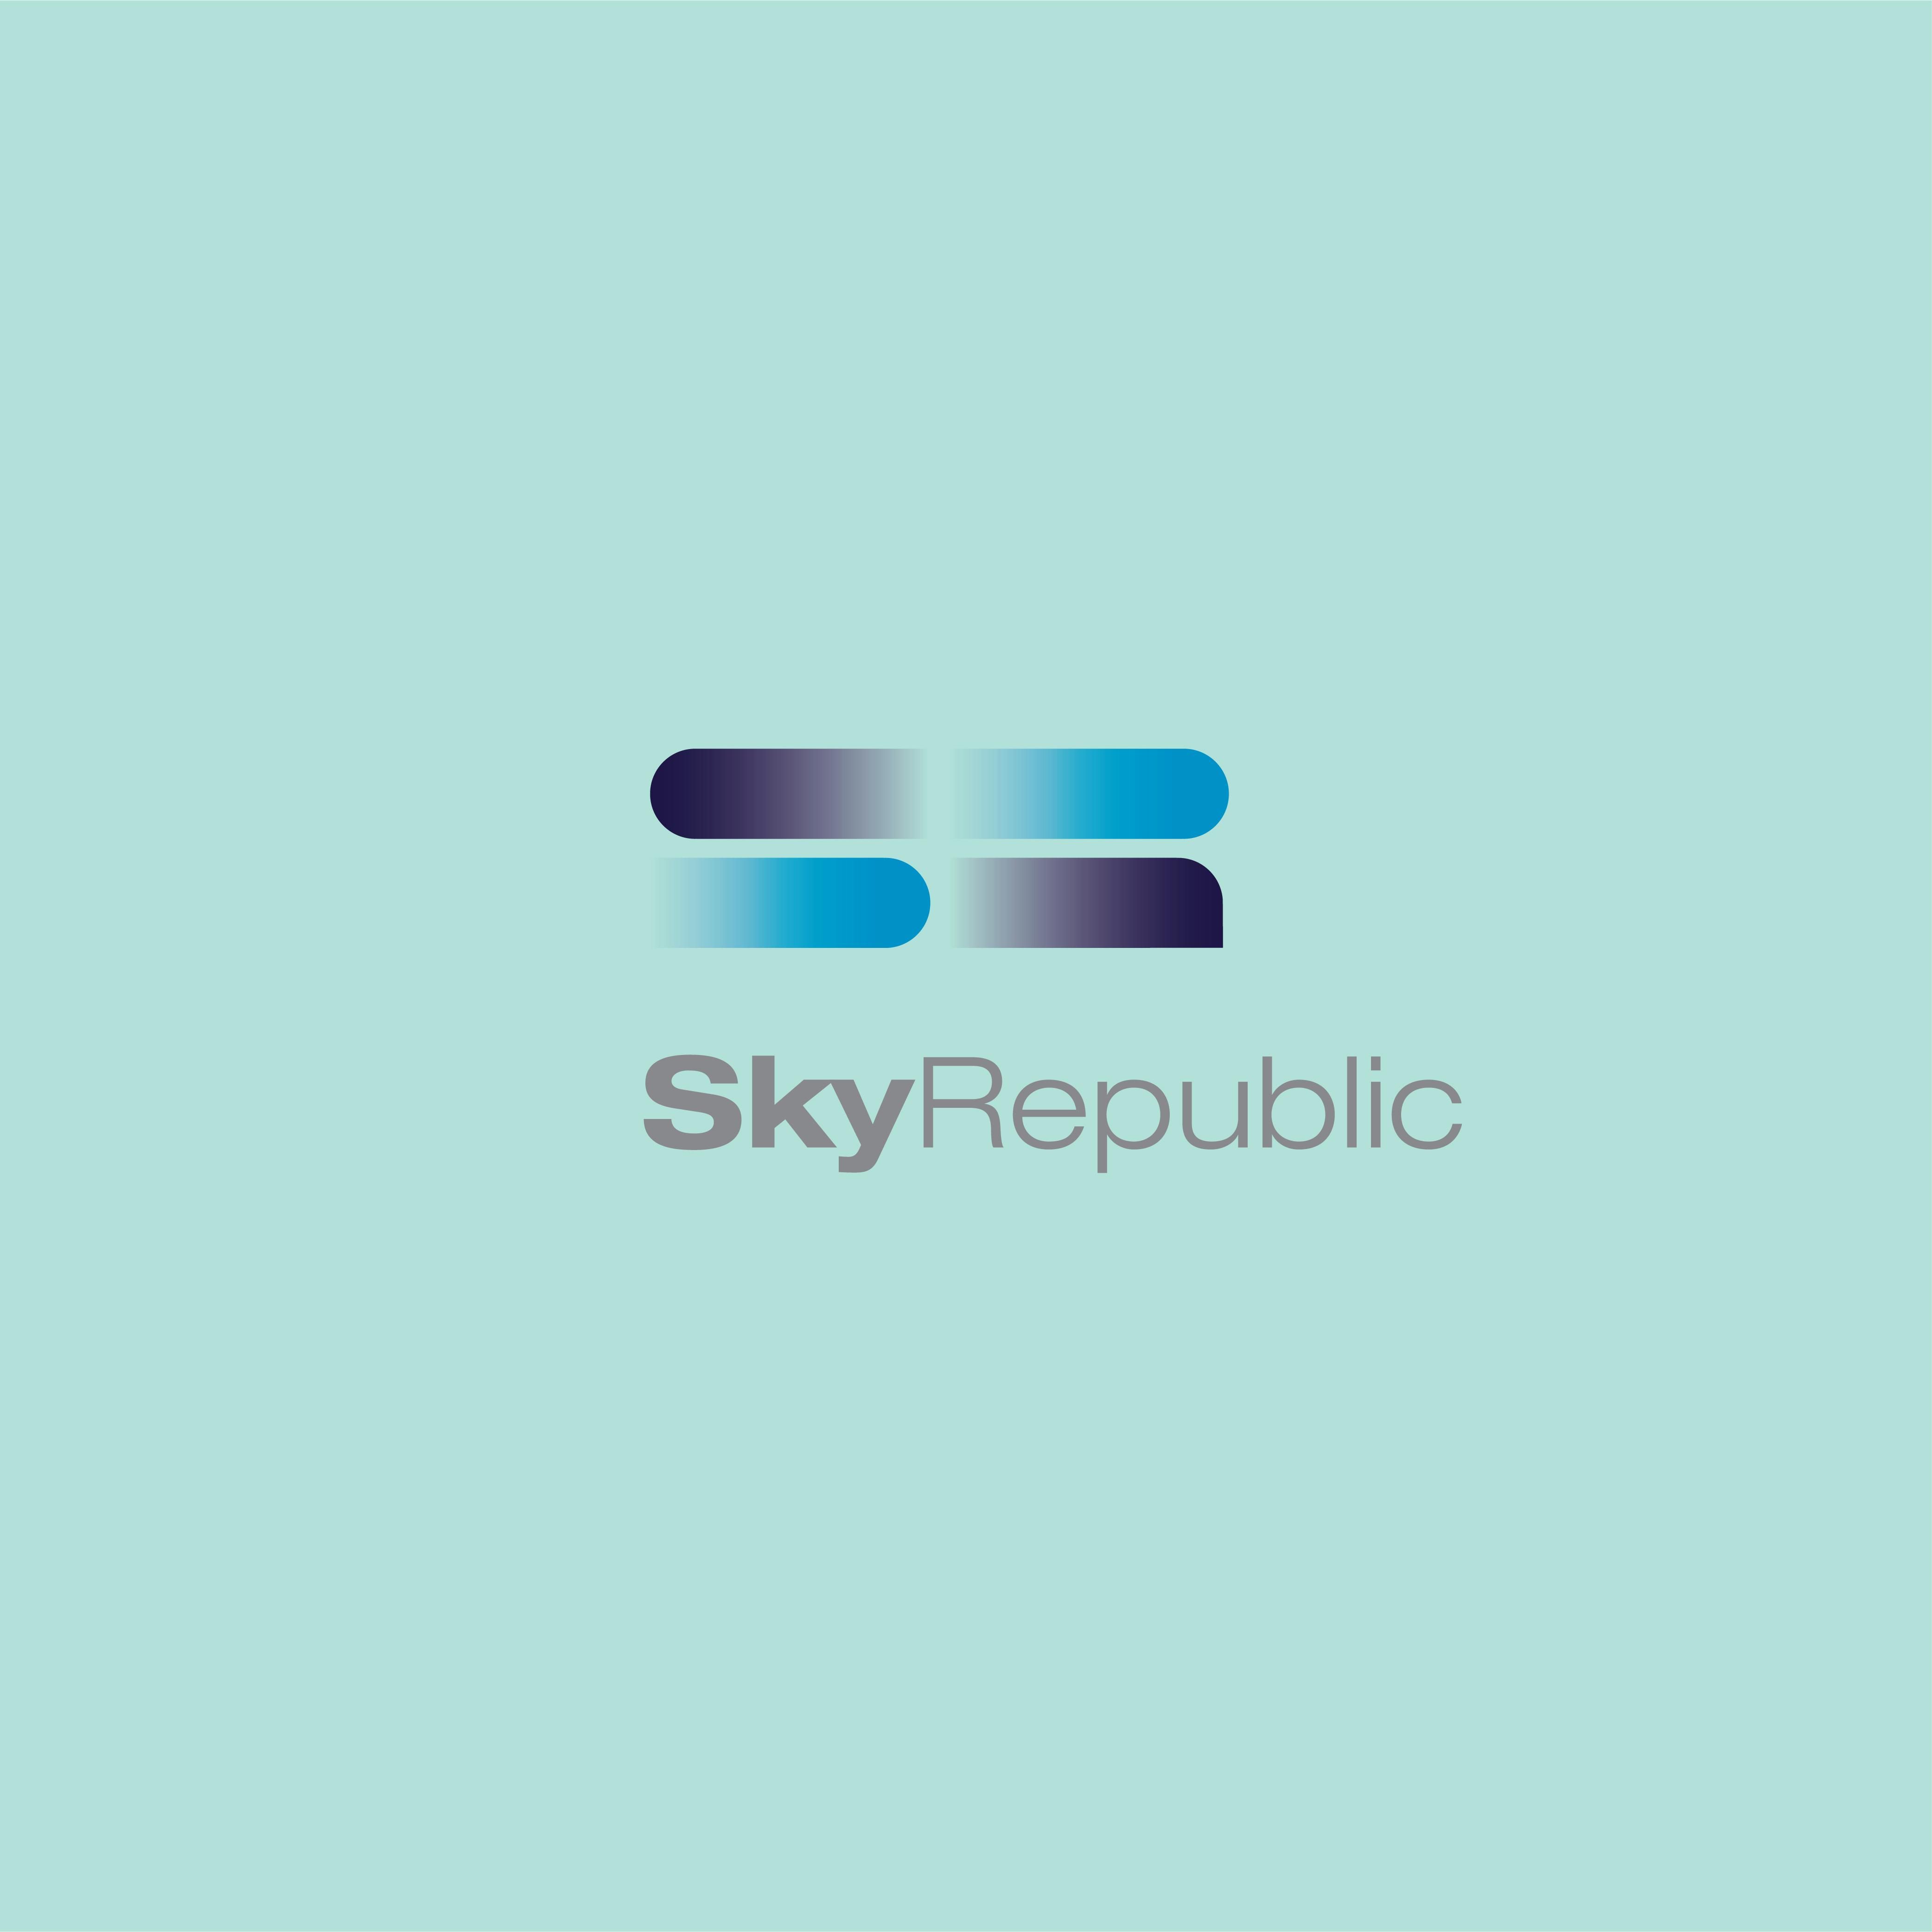 Startup Branding for Sky Republic, Inc  - paul howell